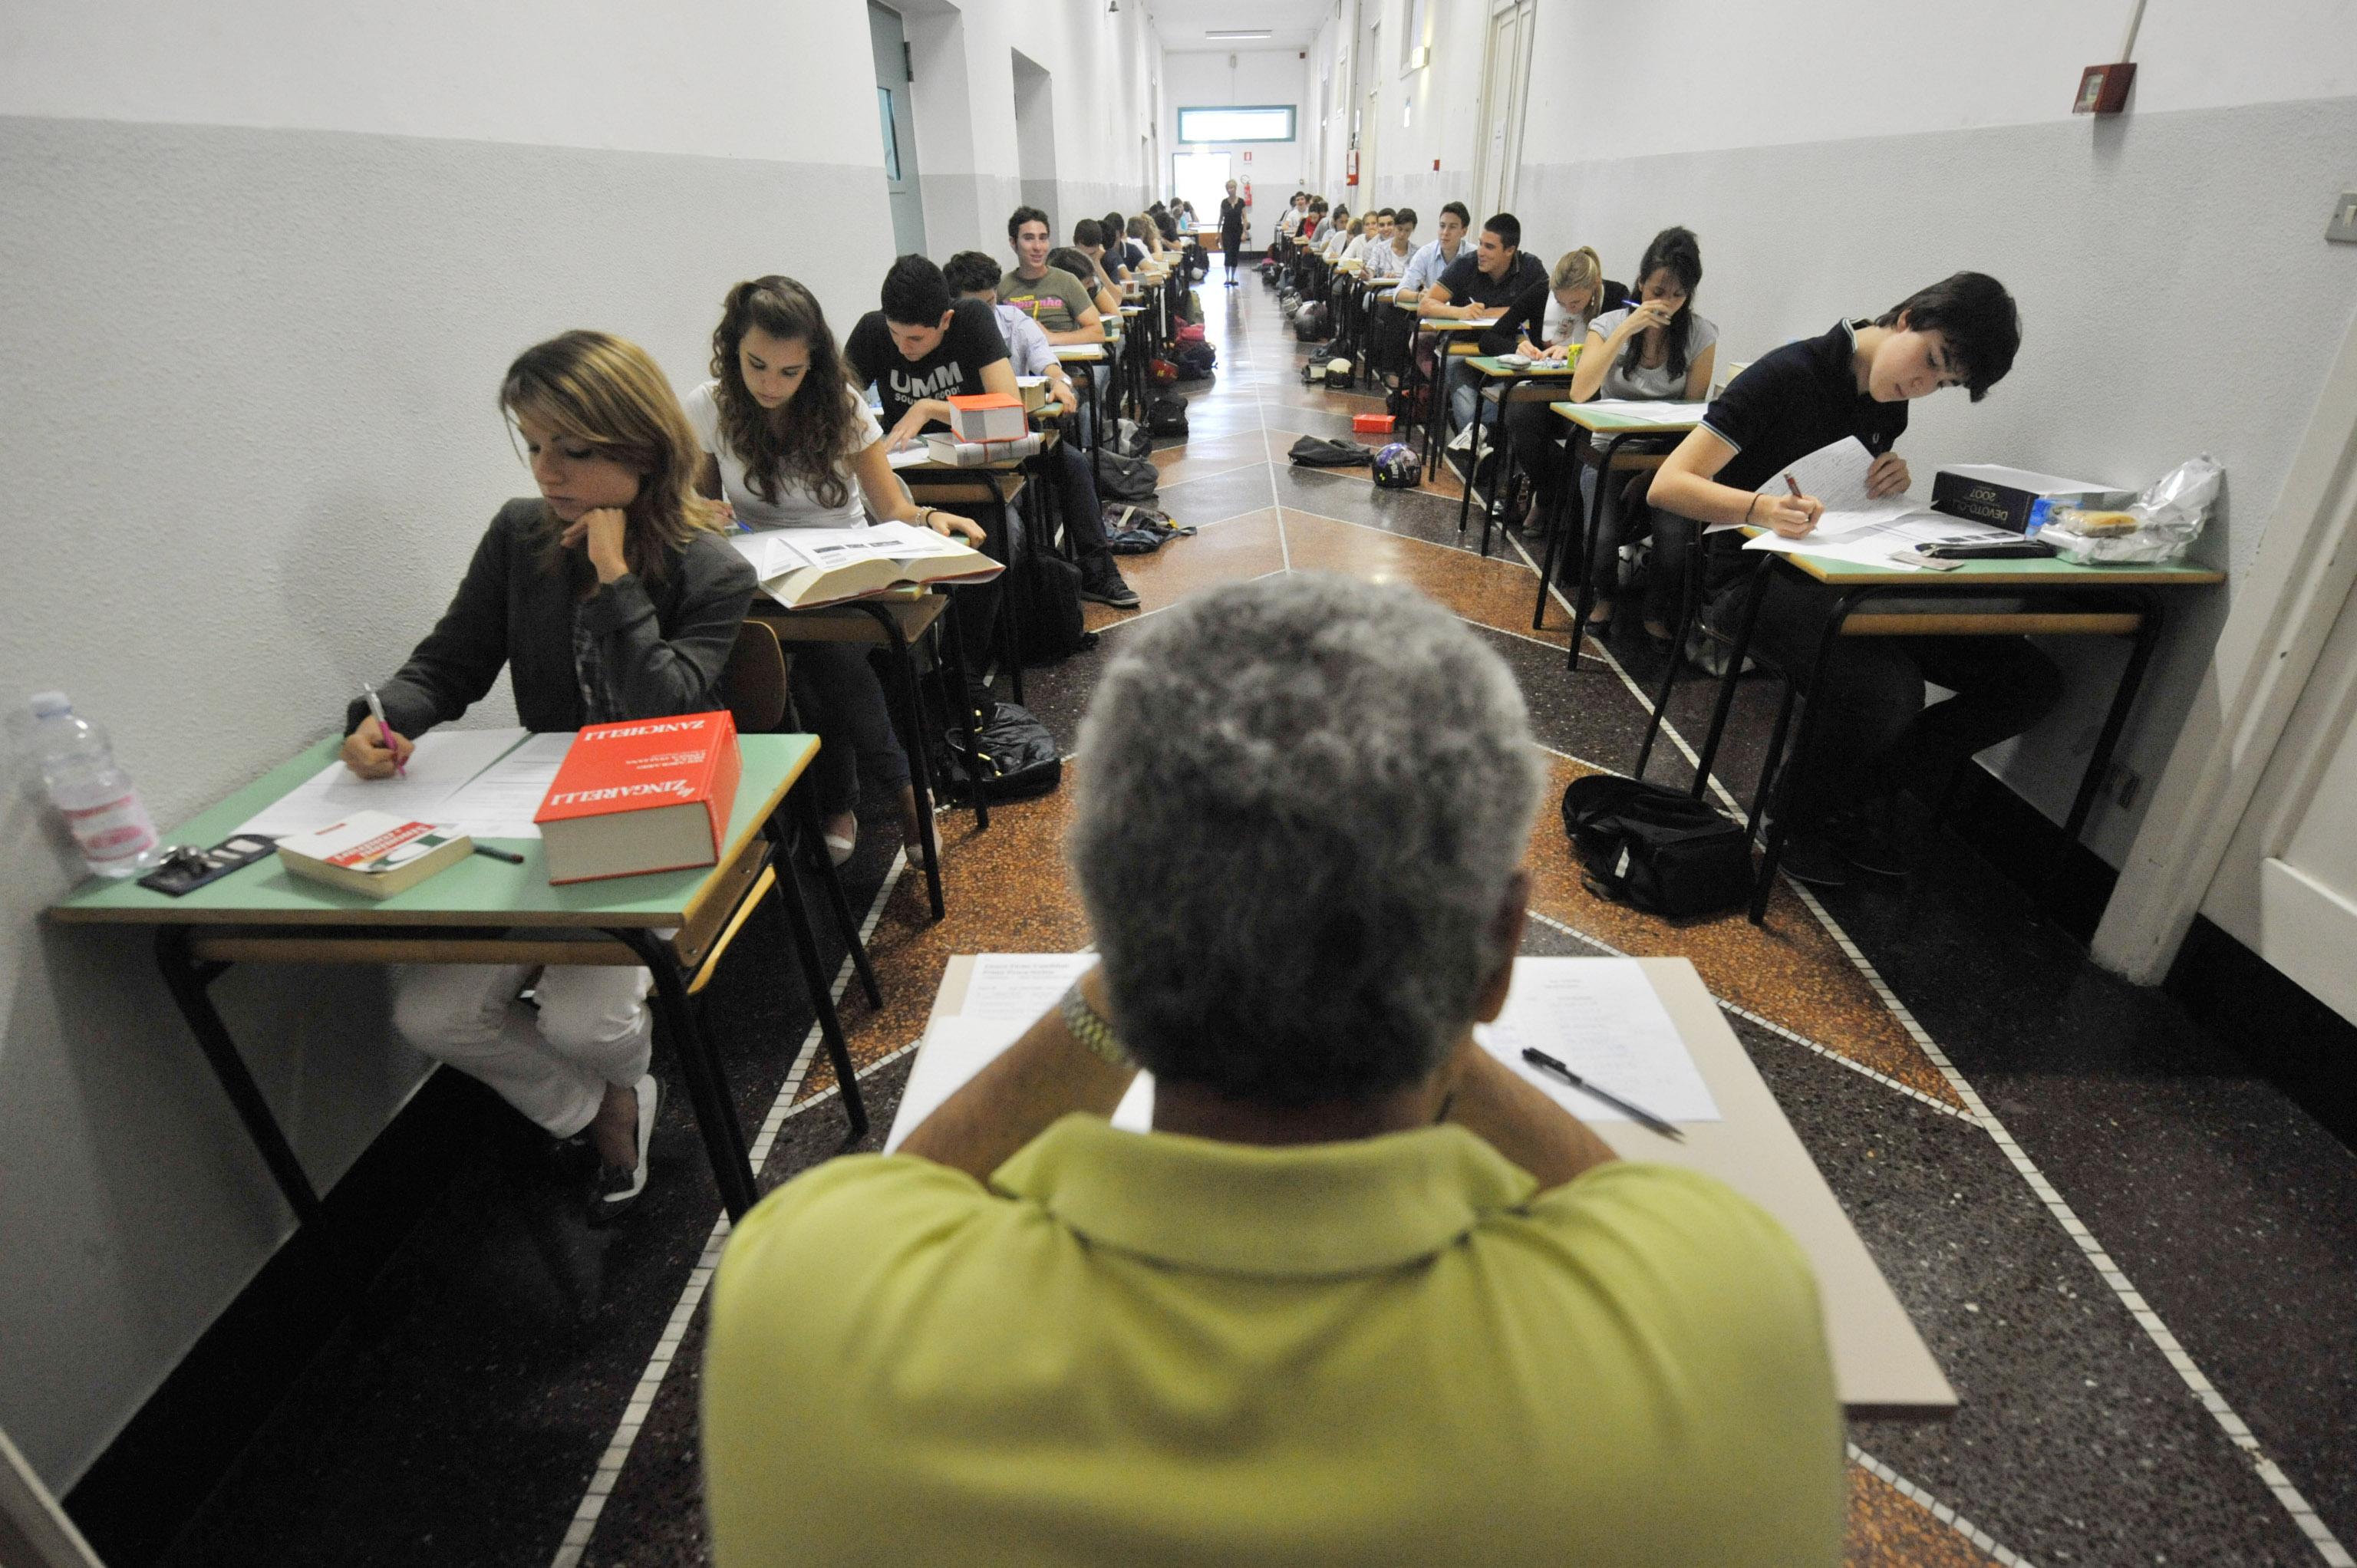 Commissioni esami maturità 2015, ultime notizie Miur pubblicazione commissari esterni